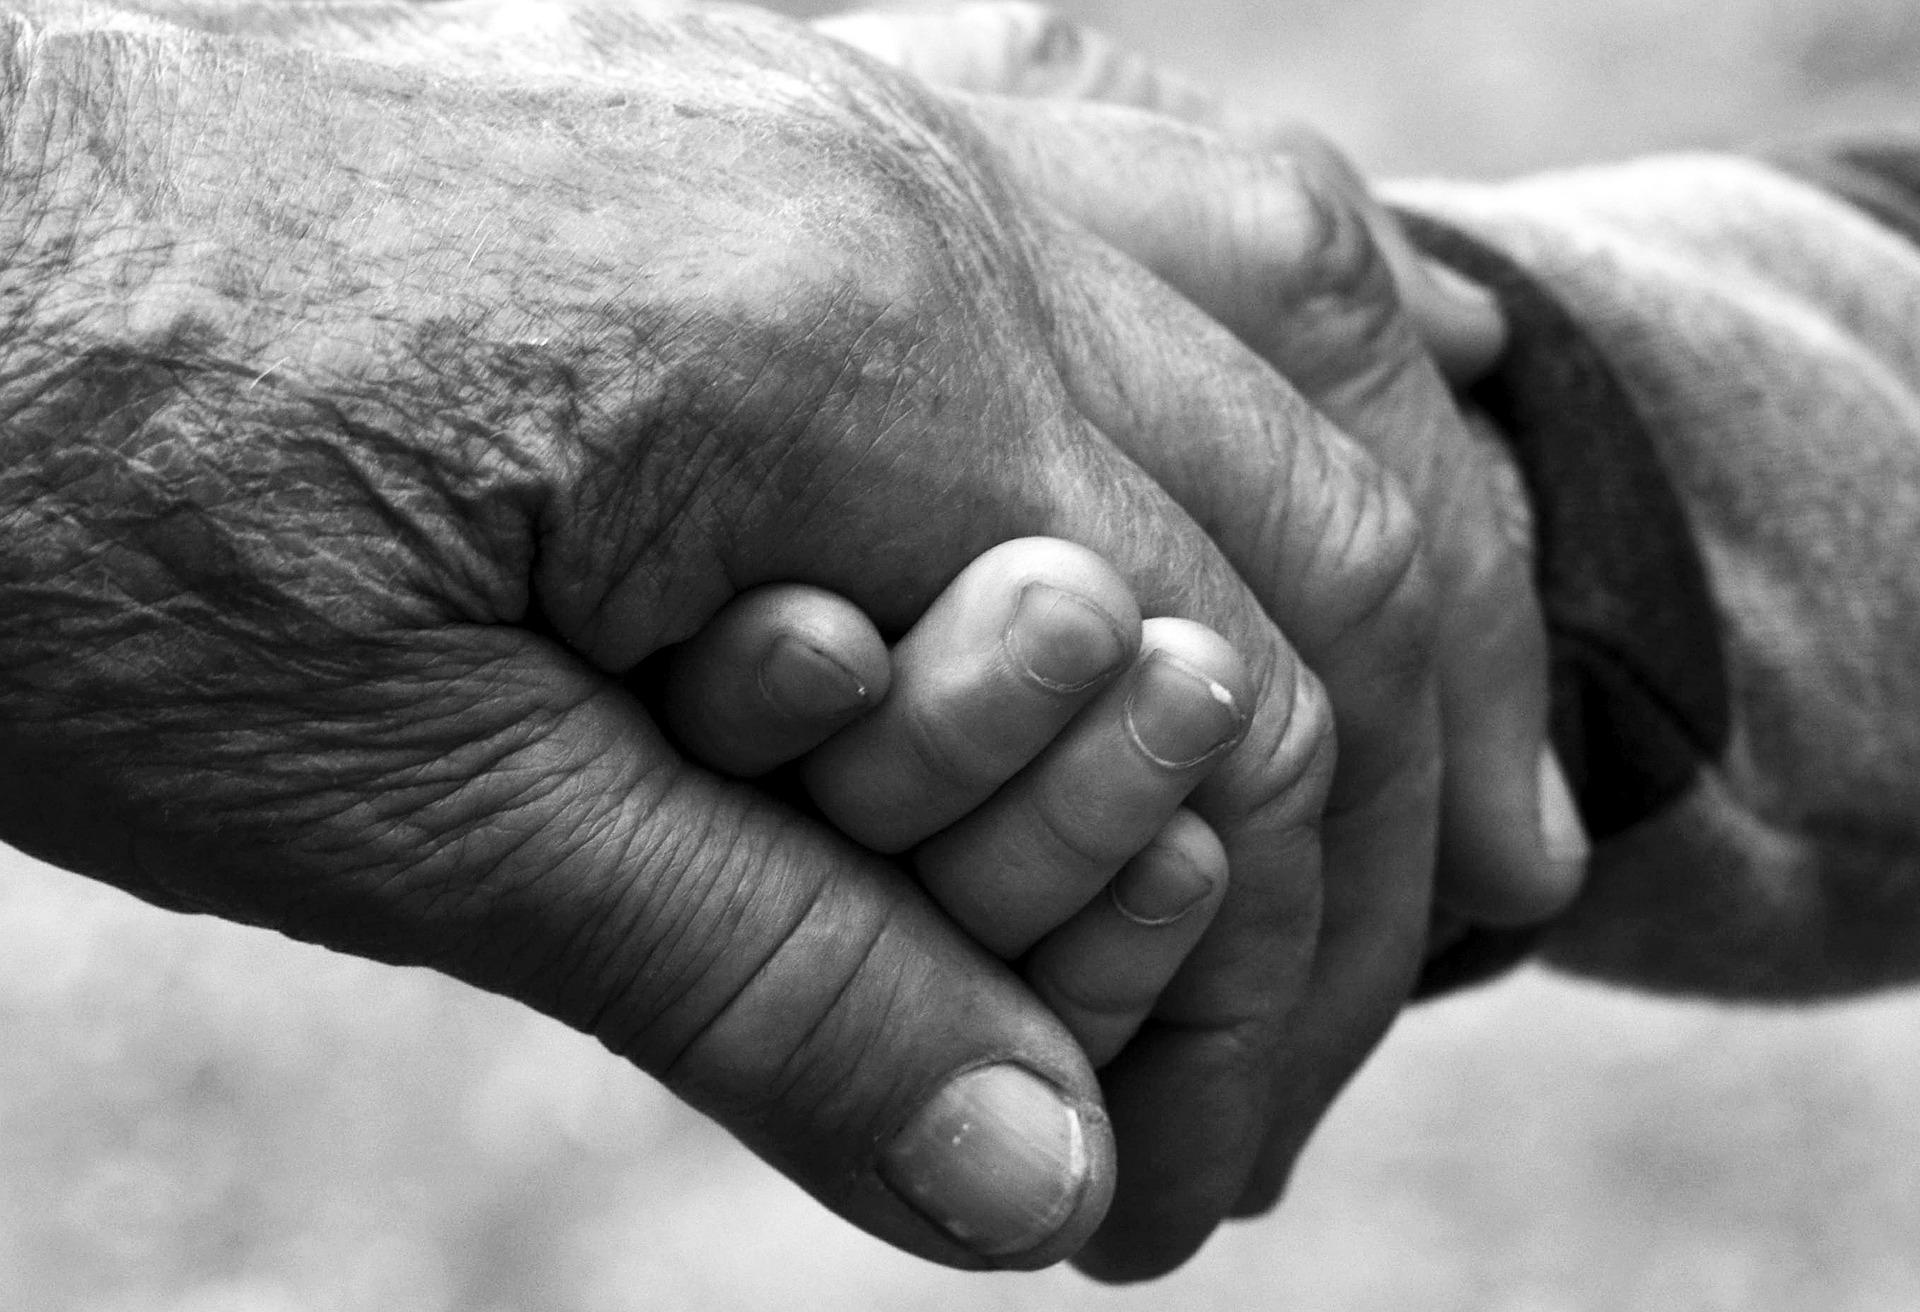 El COIB s'adhereix al manifest per aturar el maltractament a les persones grans